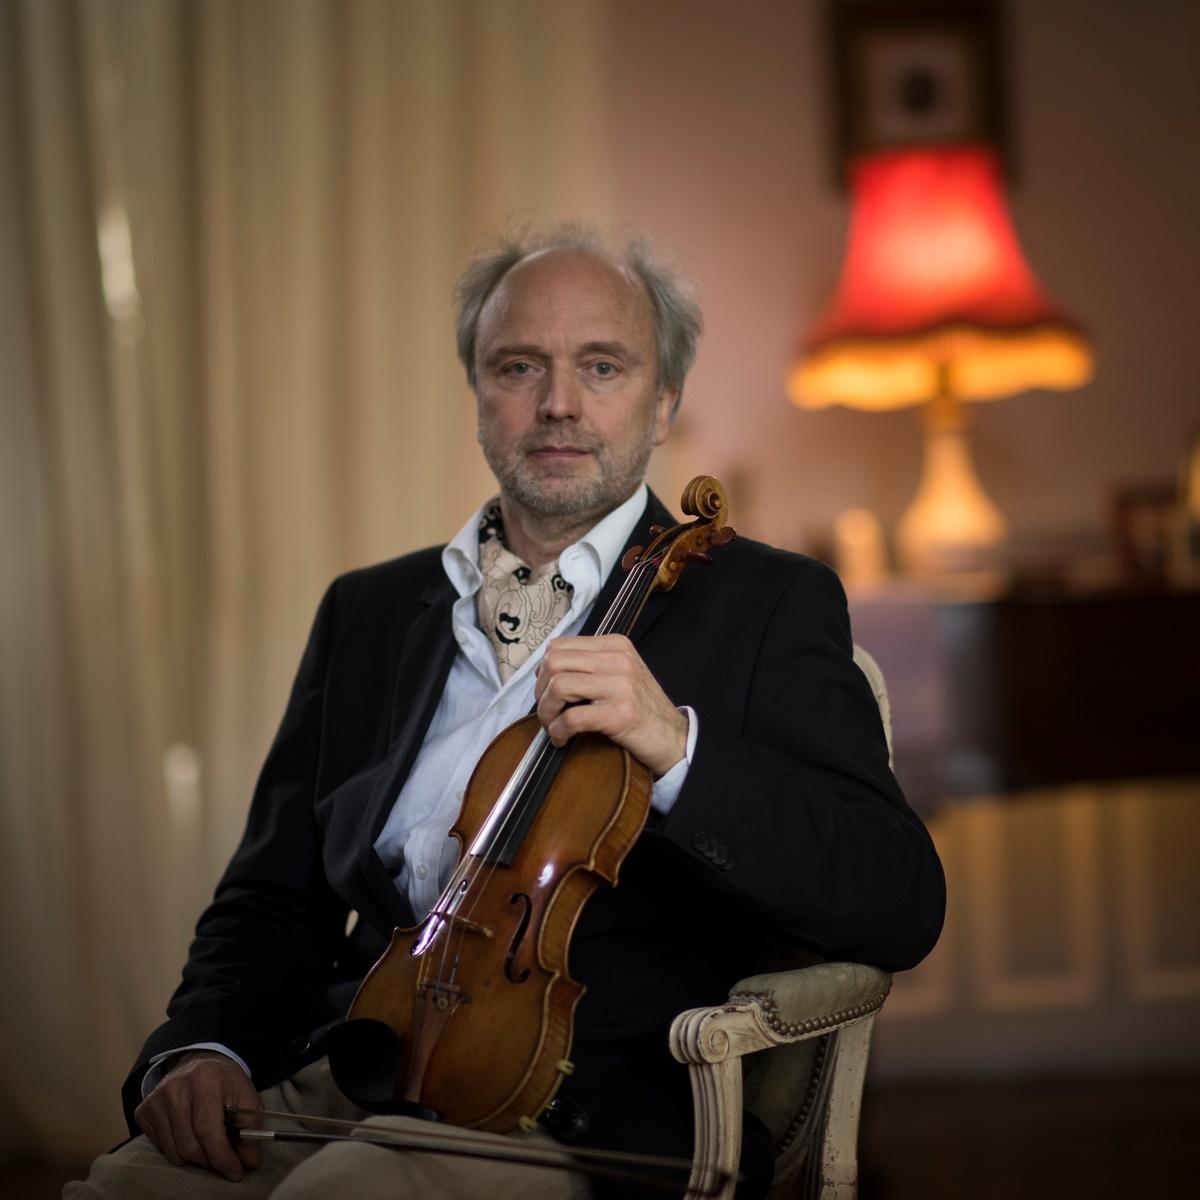 Un homme assis dans un salon, un violon à la main.